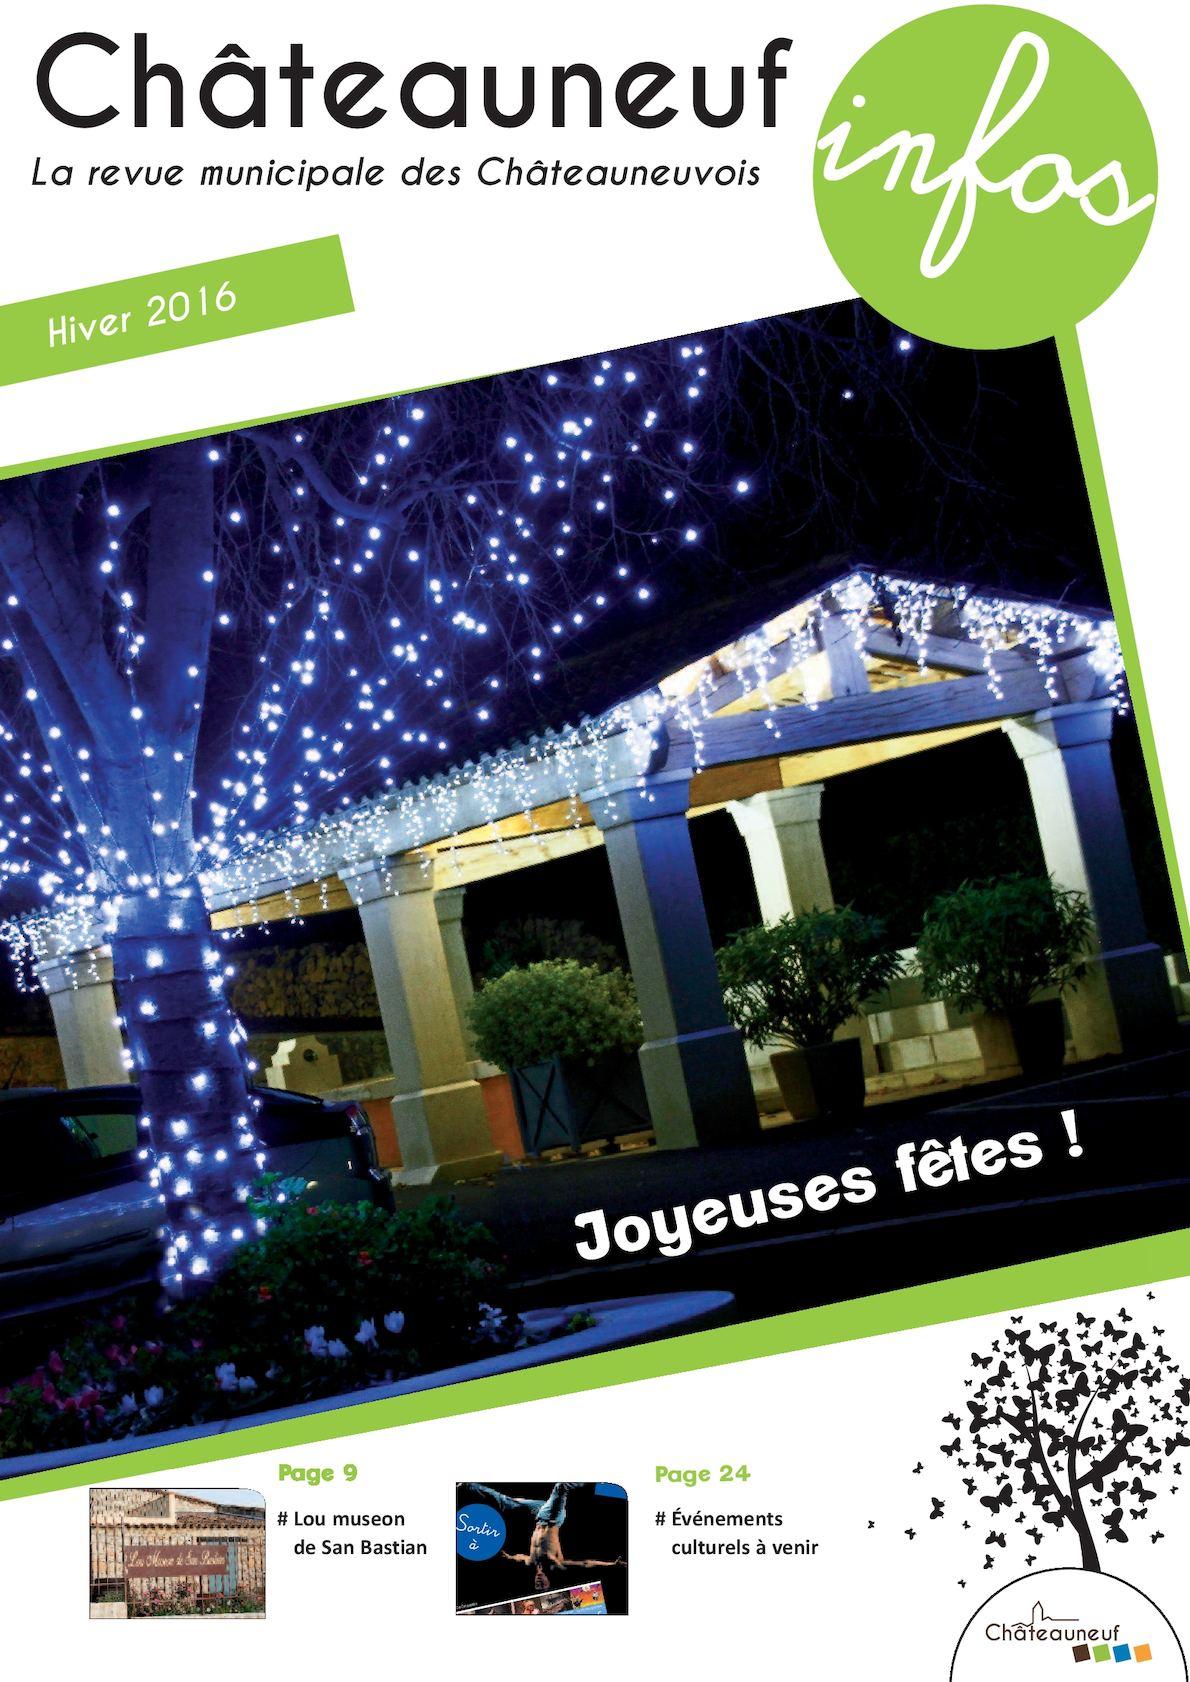 Calaméo - Chateauneuf Infos Web e03d2b979908